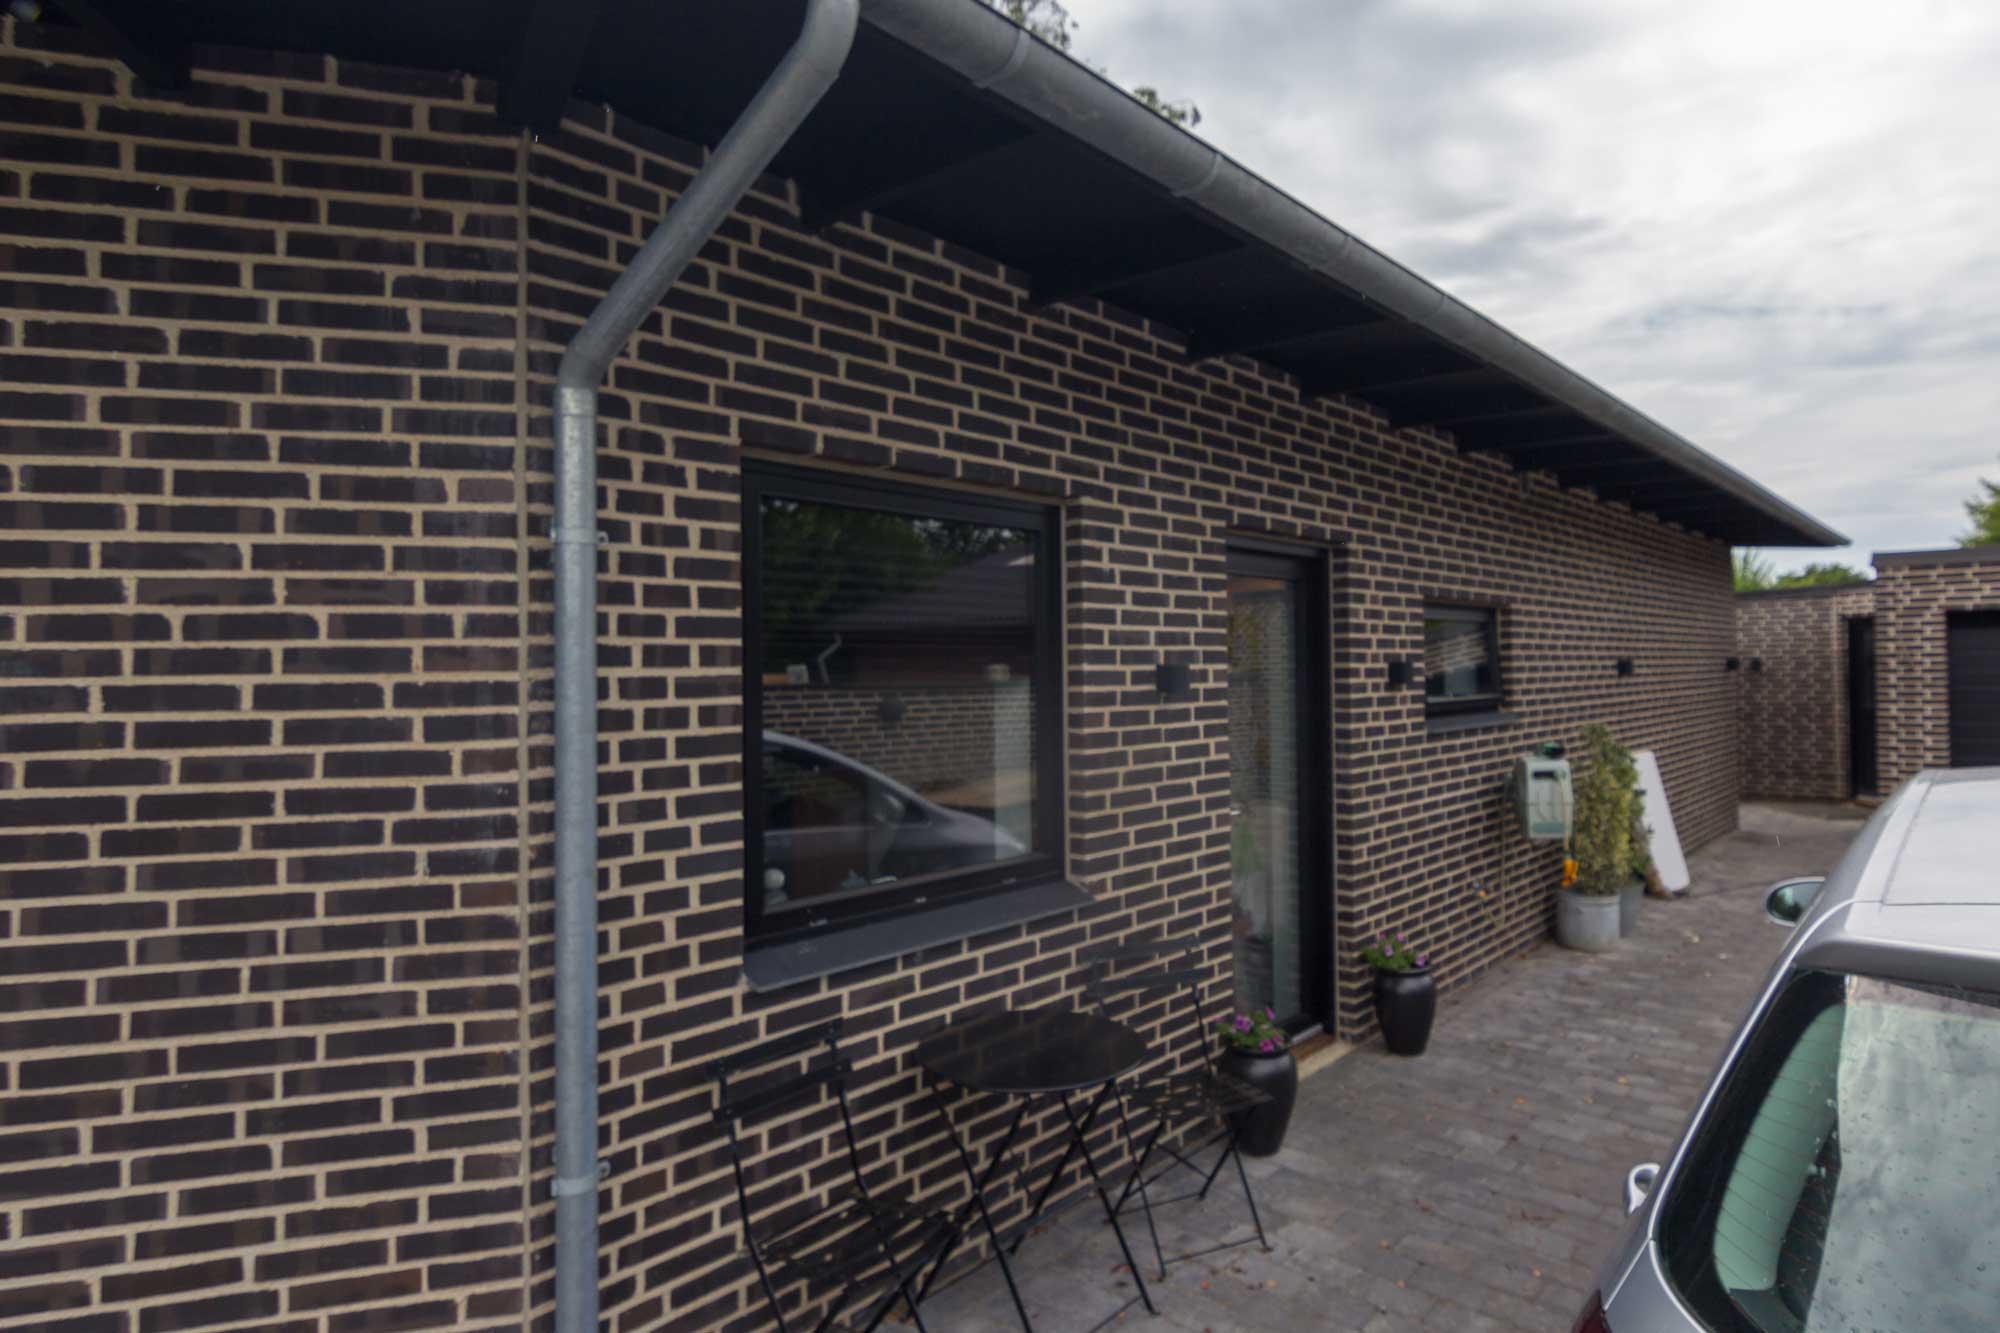 Odensevej_174B_Middelfart-2